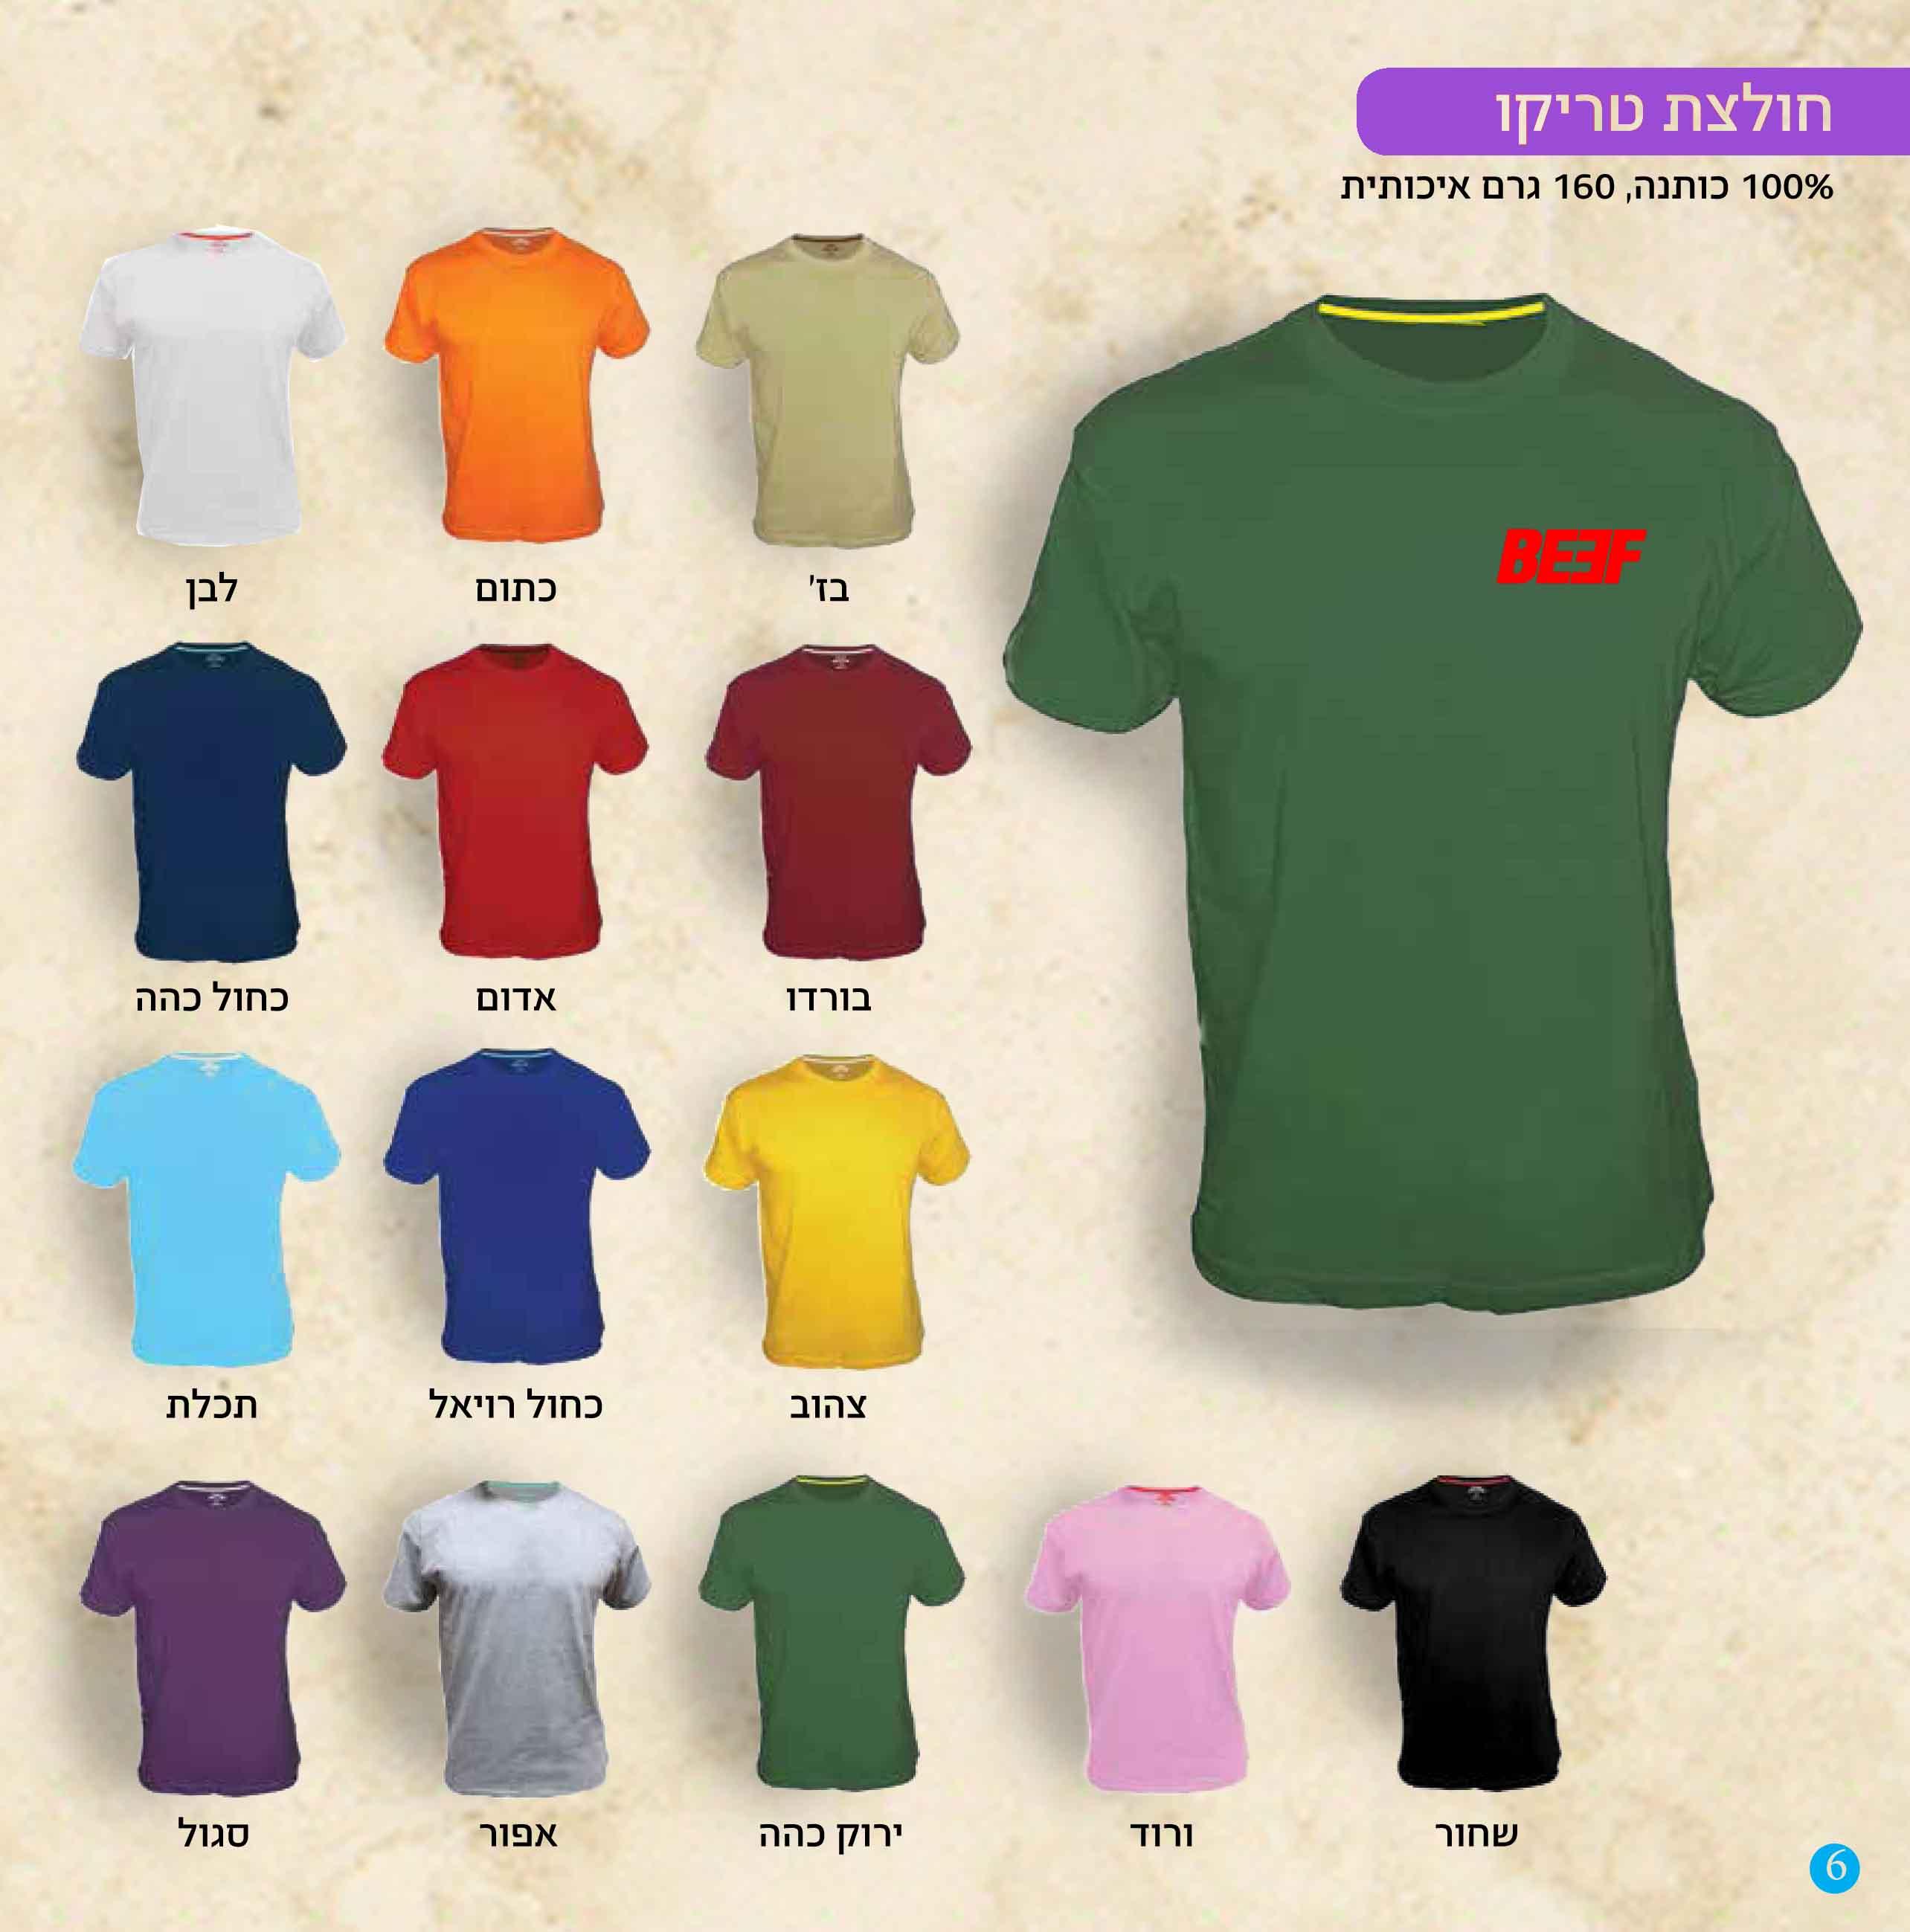 חולצות טריקו איכותיות